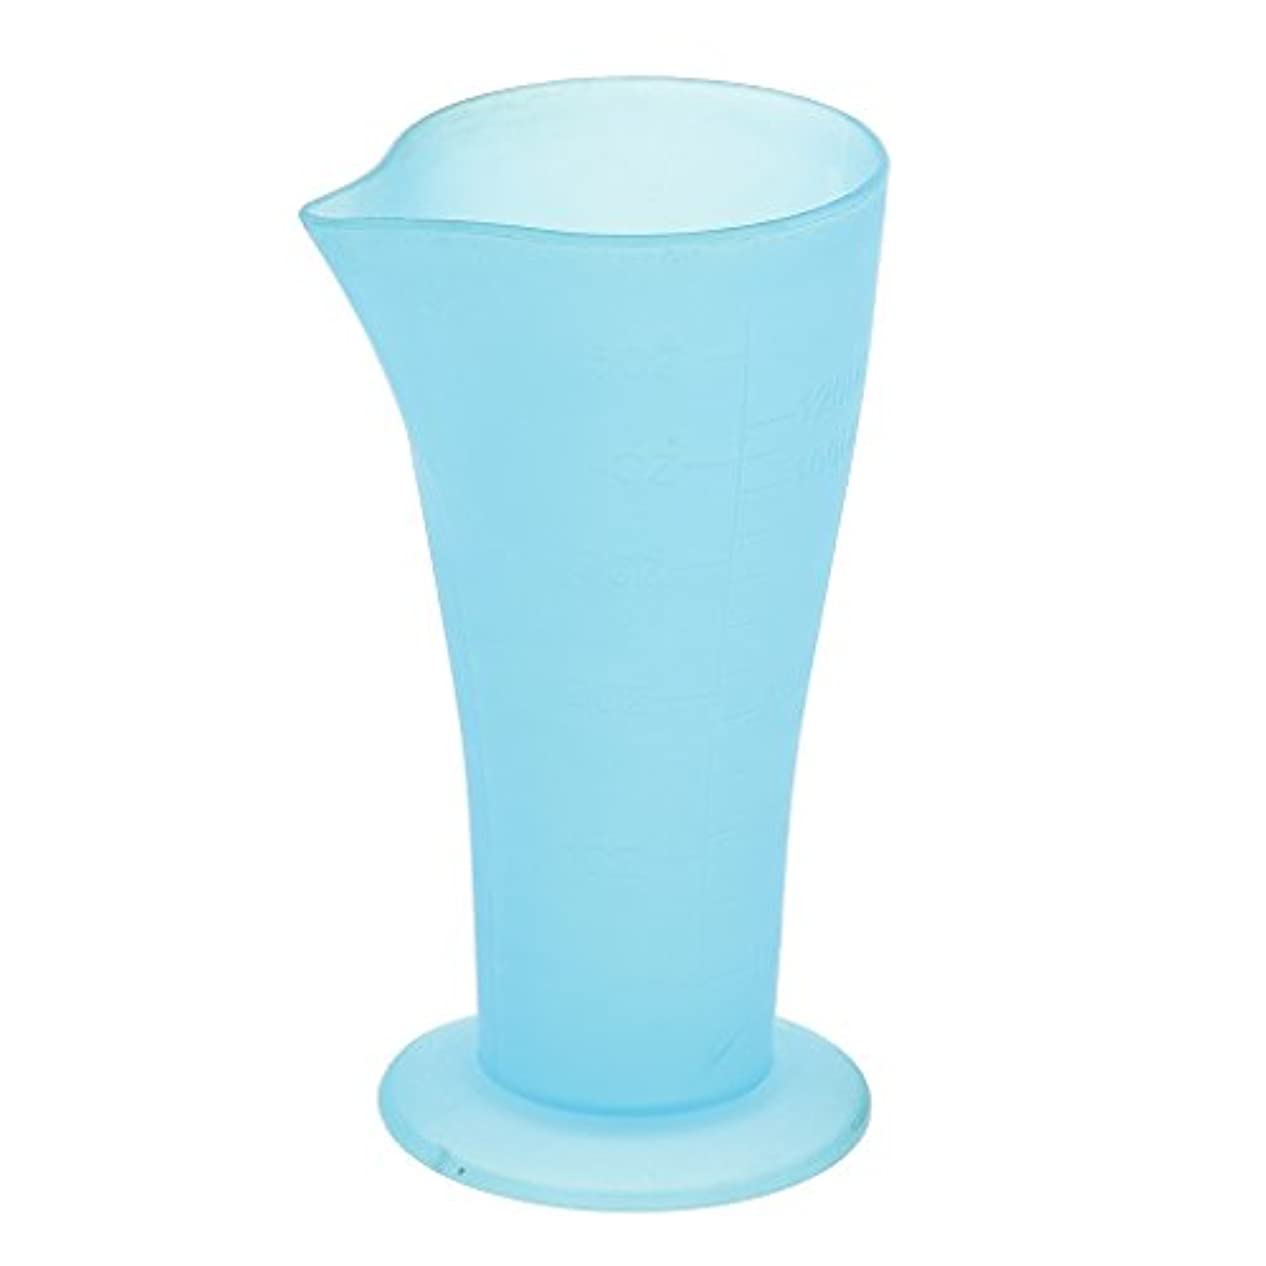 怒り混乱させるレーニン主義Baosity 計量カップ ヘアダイカップ プラスチック サロン 髪の色合い 色の混合用 読みやすい測定 再使用可能